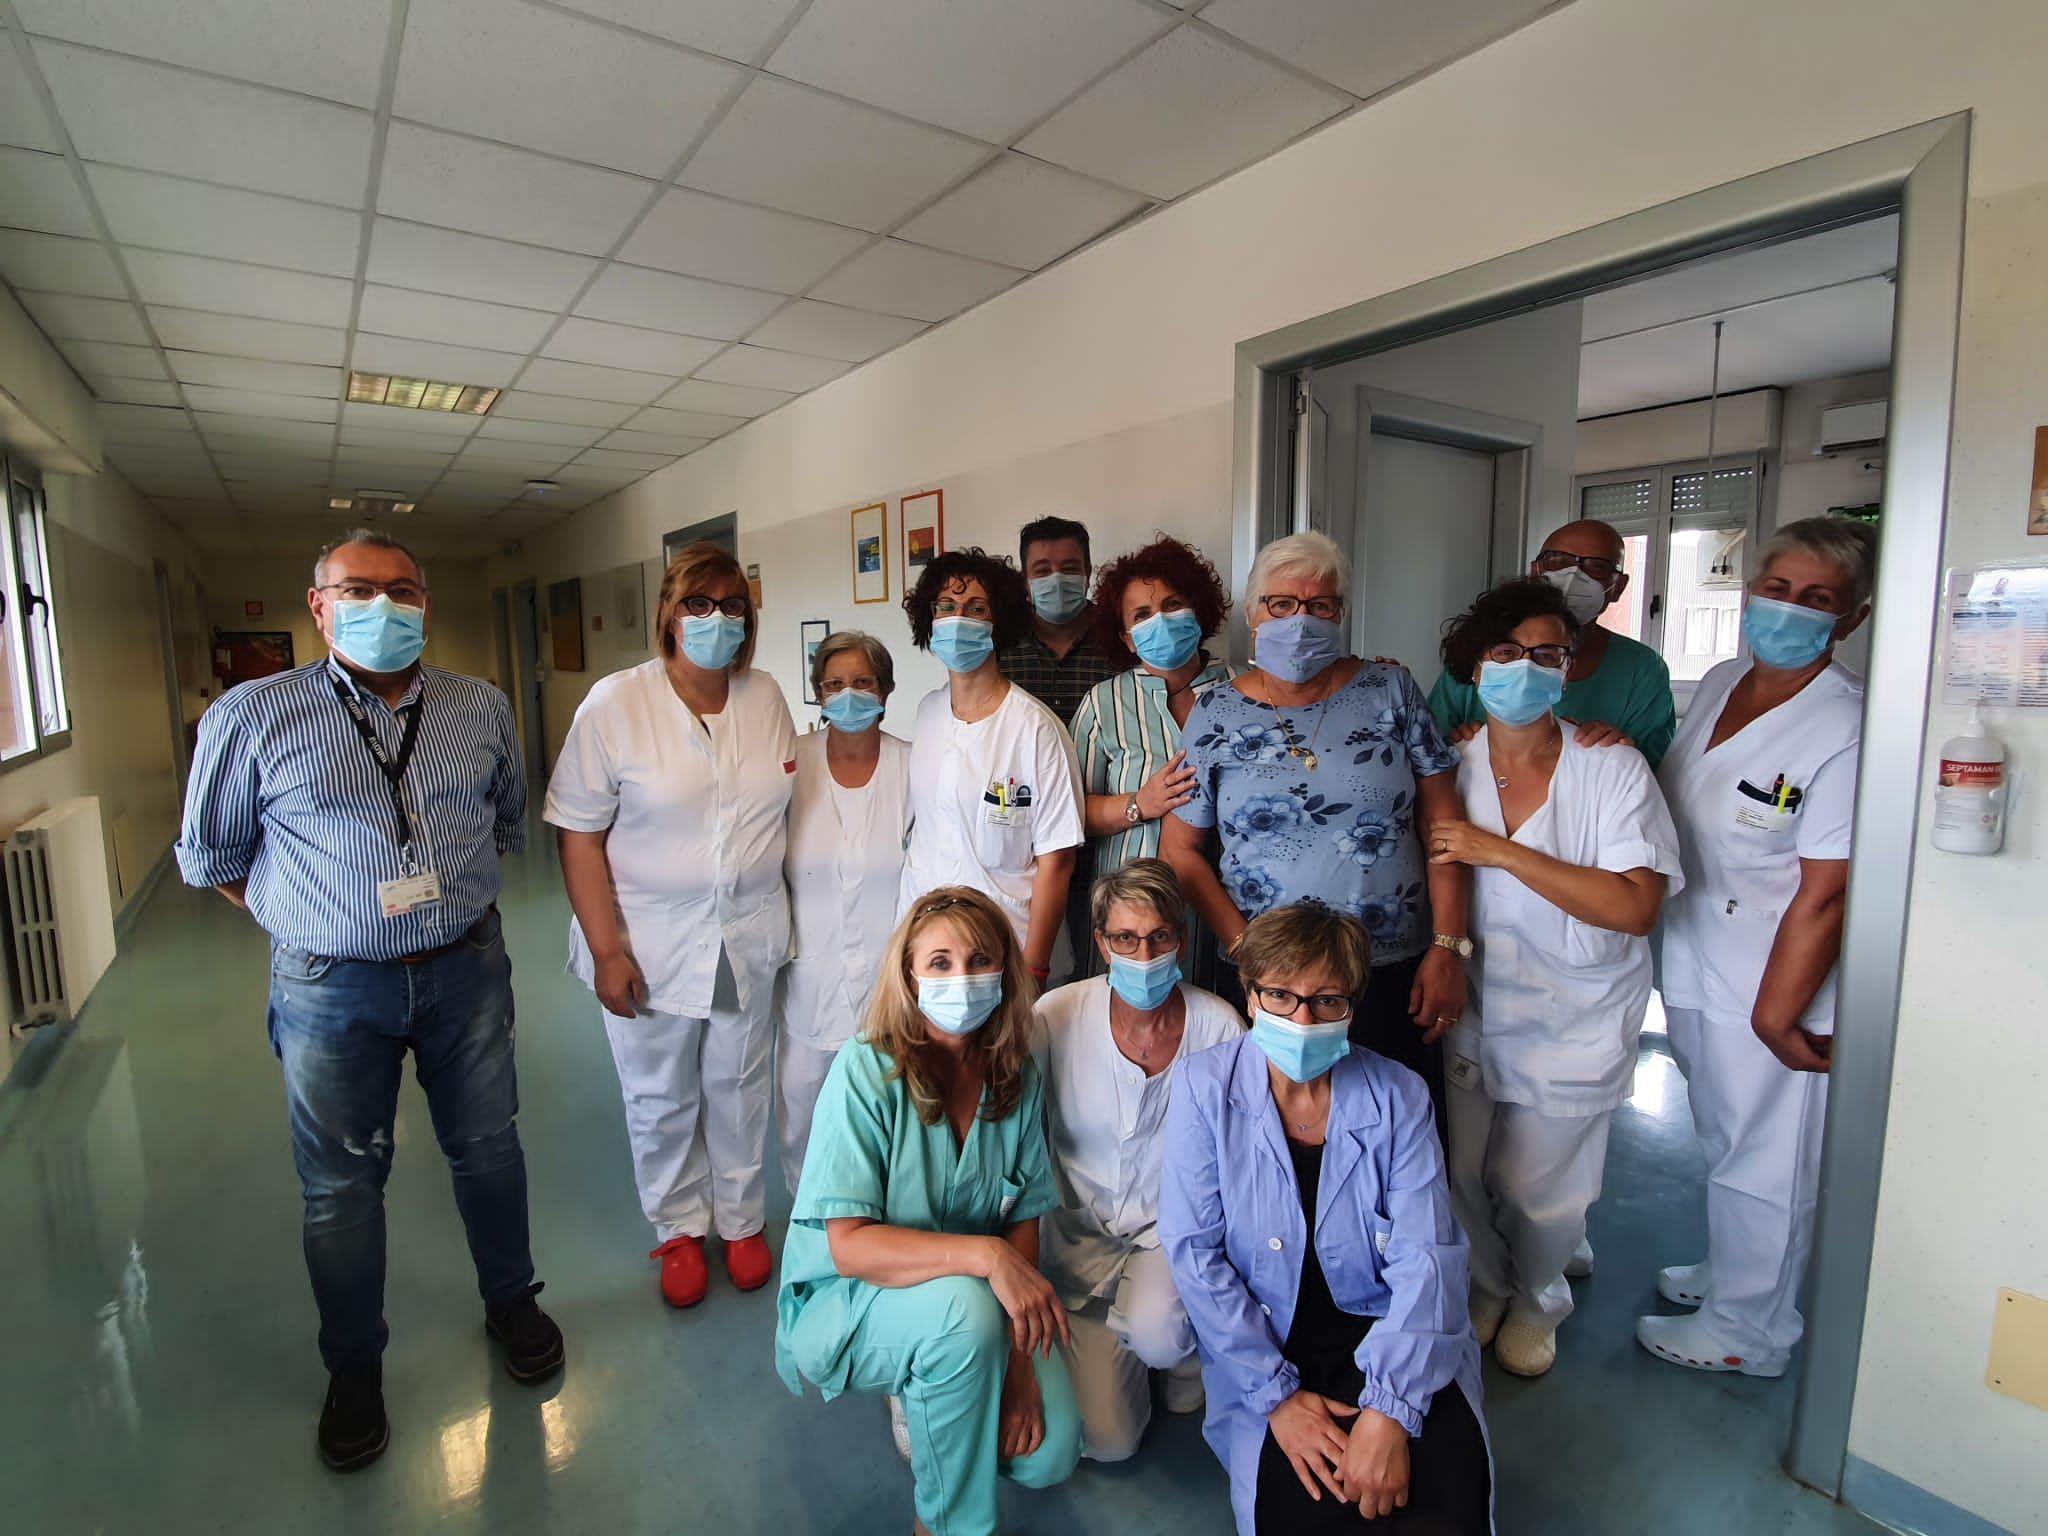 CUORGNE' - Televisori in dono al reparto oncologia dell'ospedale nel ricordo di Bruno Leone